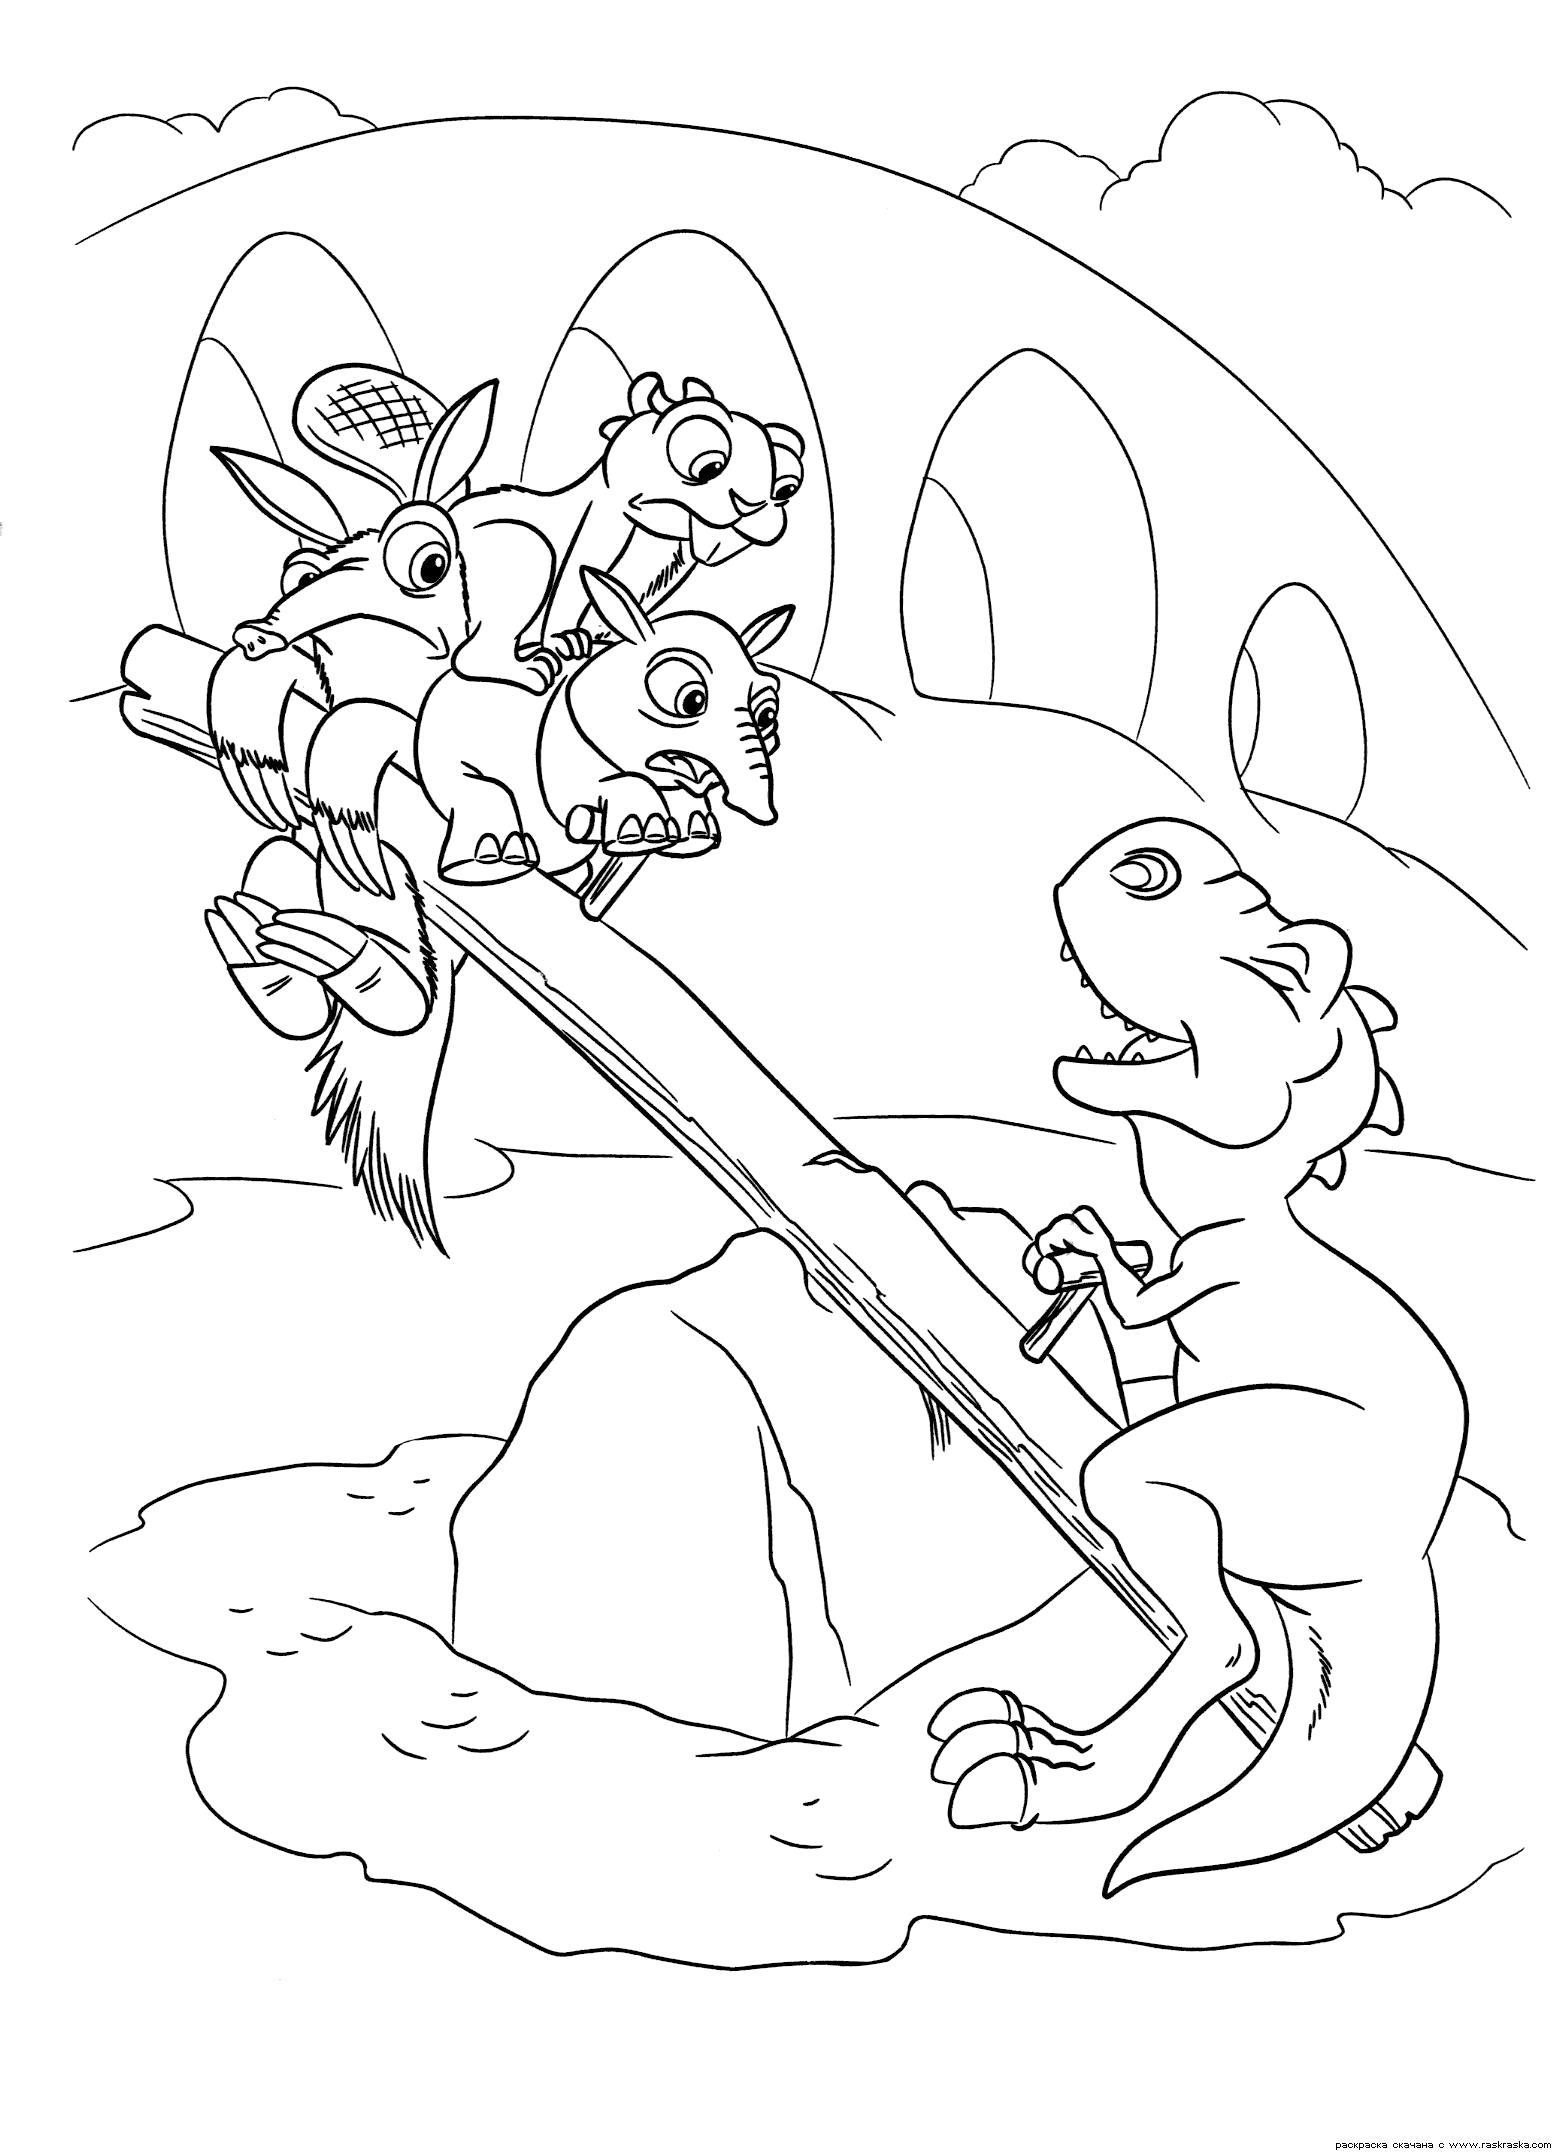 Раскраска  Качели.  Динозаврики не проч закусить чужими детьми, картинки из мультика Ледниковый период 3: Эра динозавров скачать бесплатно  для ребенка. Скачать динозавр.  Распечатать динозавр